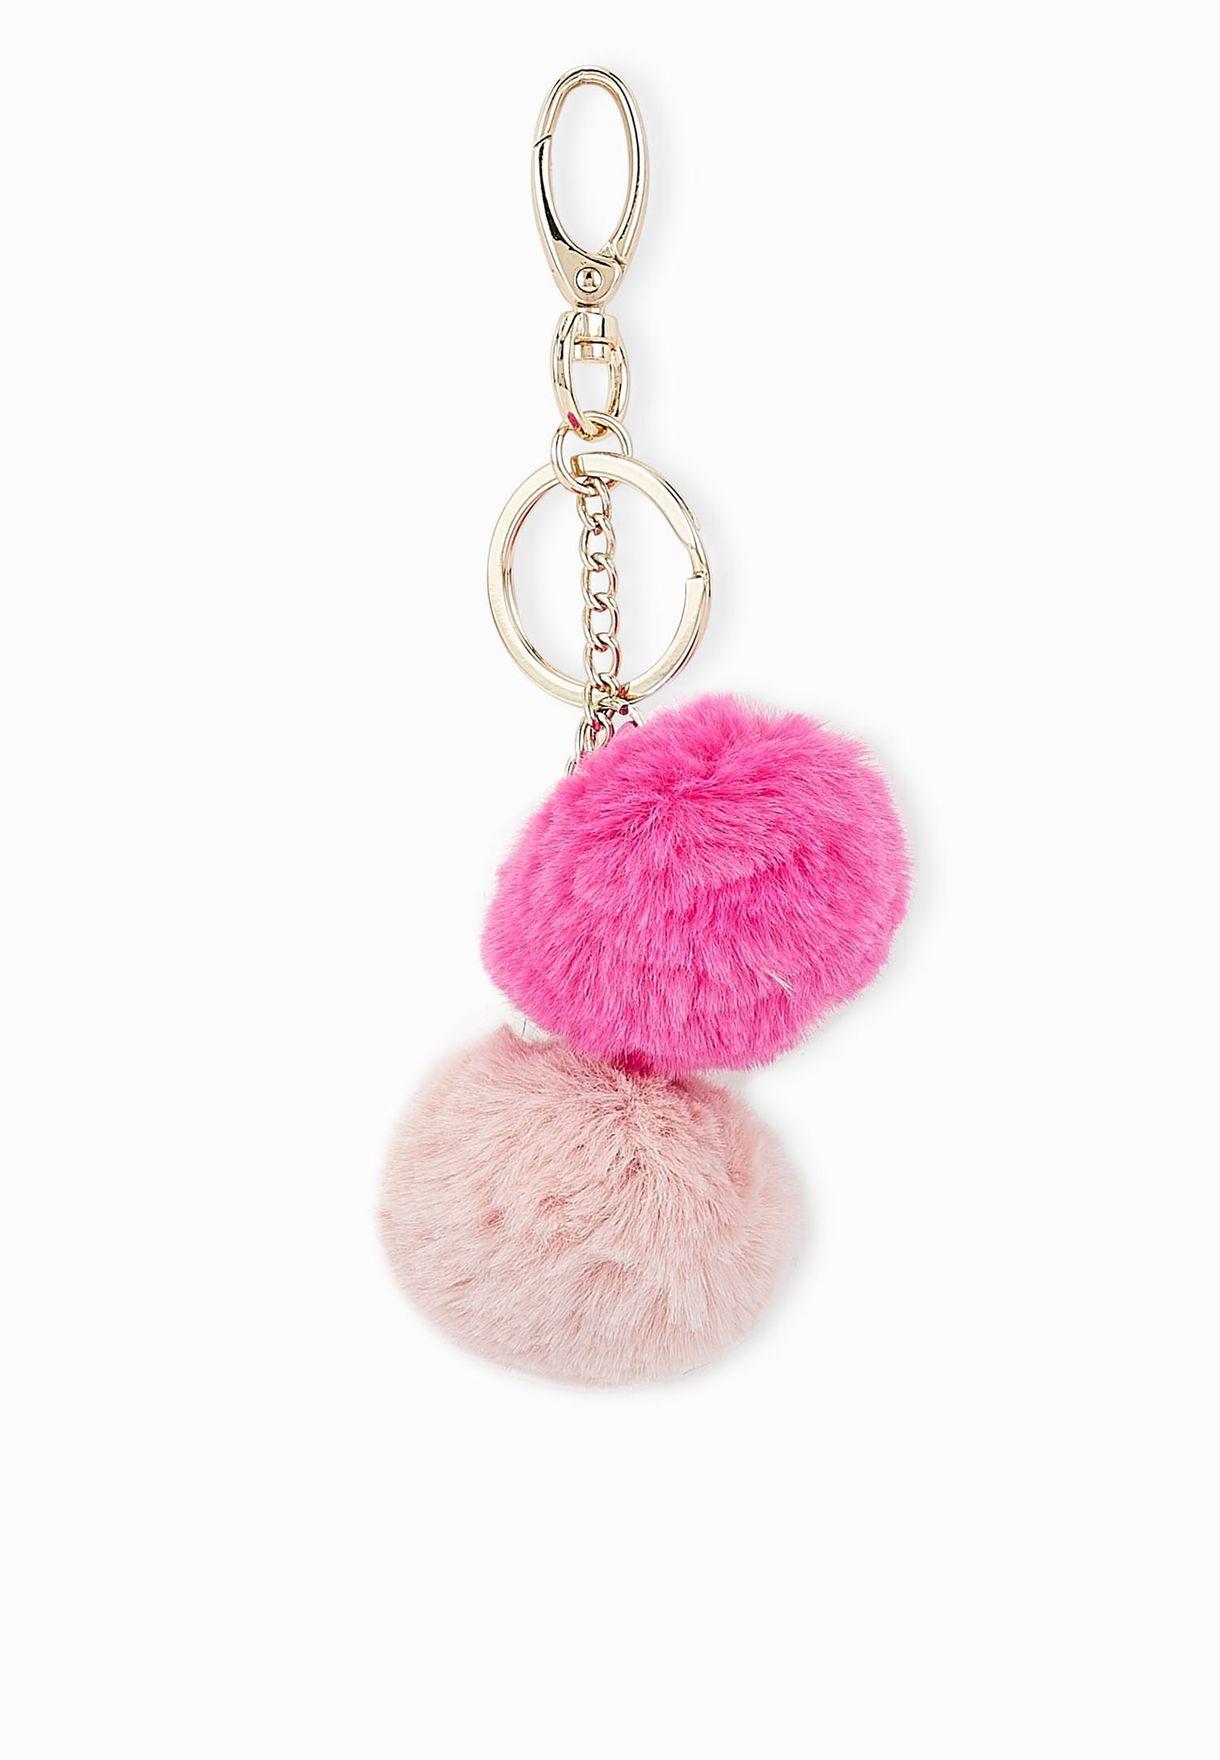 Shop Ginger multicolor Small Pom Pom Key Ring for Women in Qatar -  GI121AC79EGA 0d8d636e58